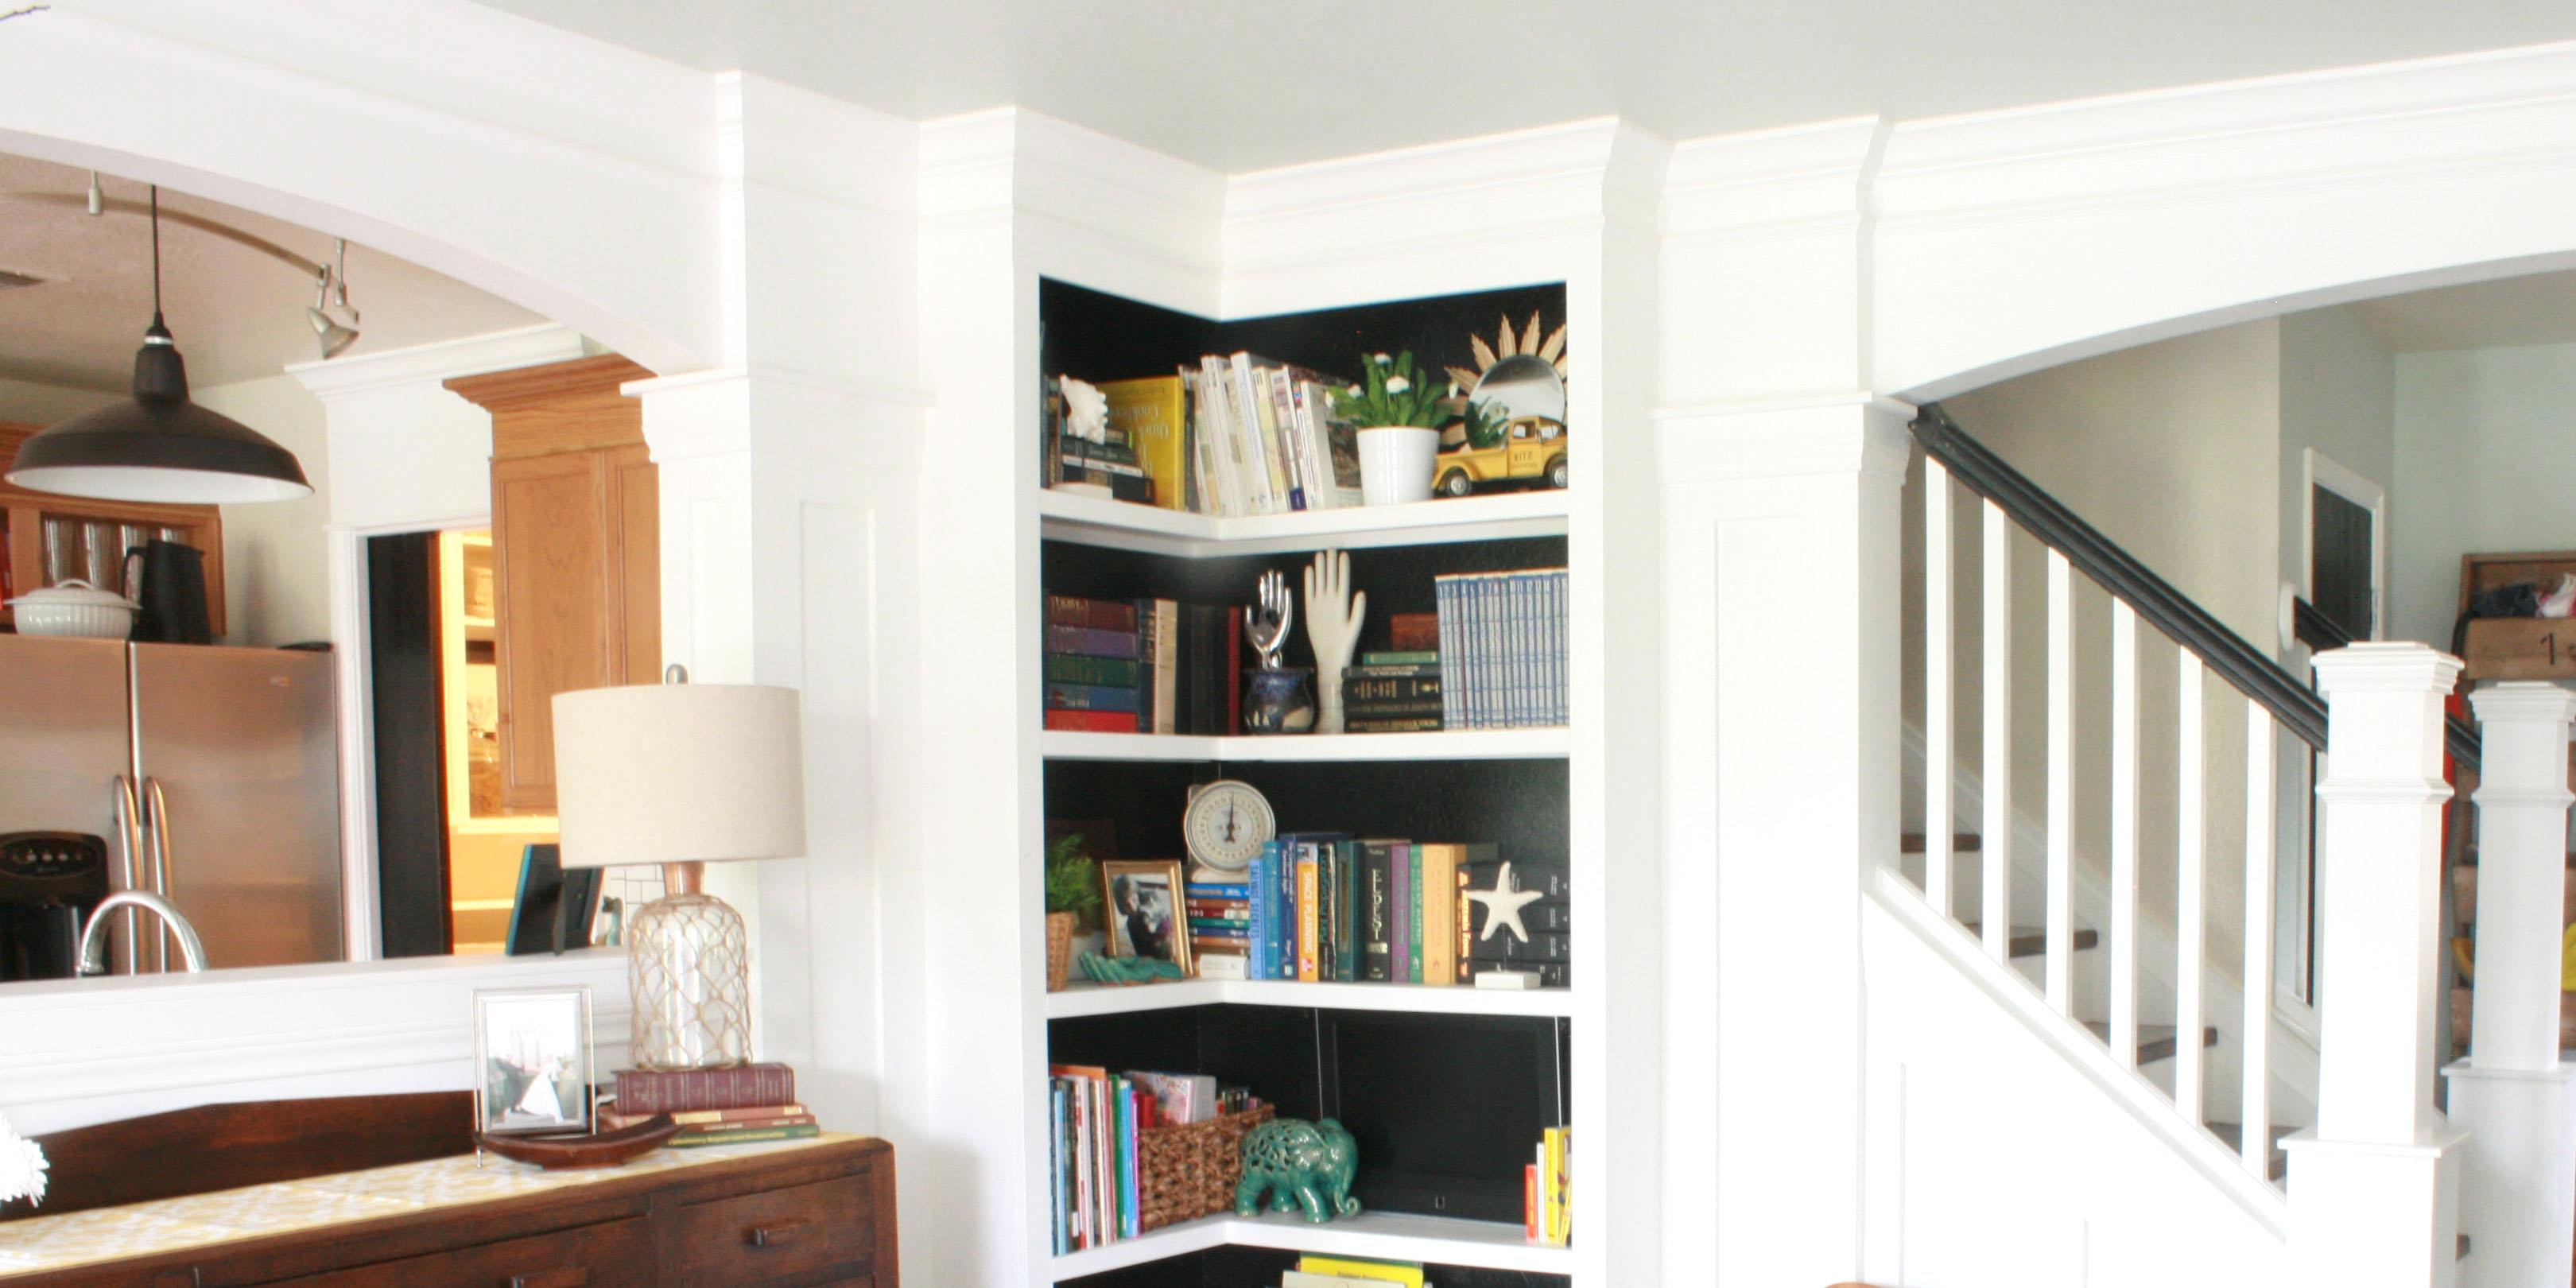 Build Your Own Corner Bookshelves For Built In Bookshelf Kits (View 5 of 15)